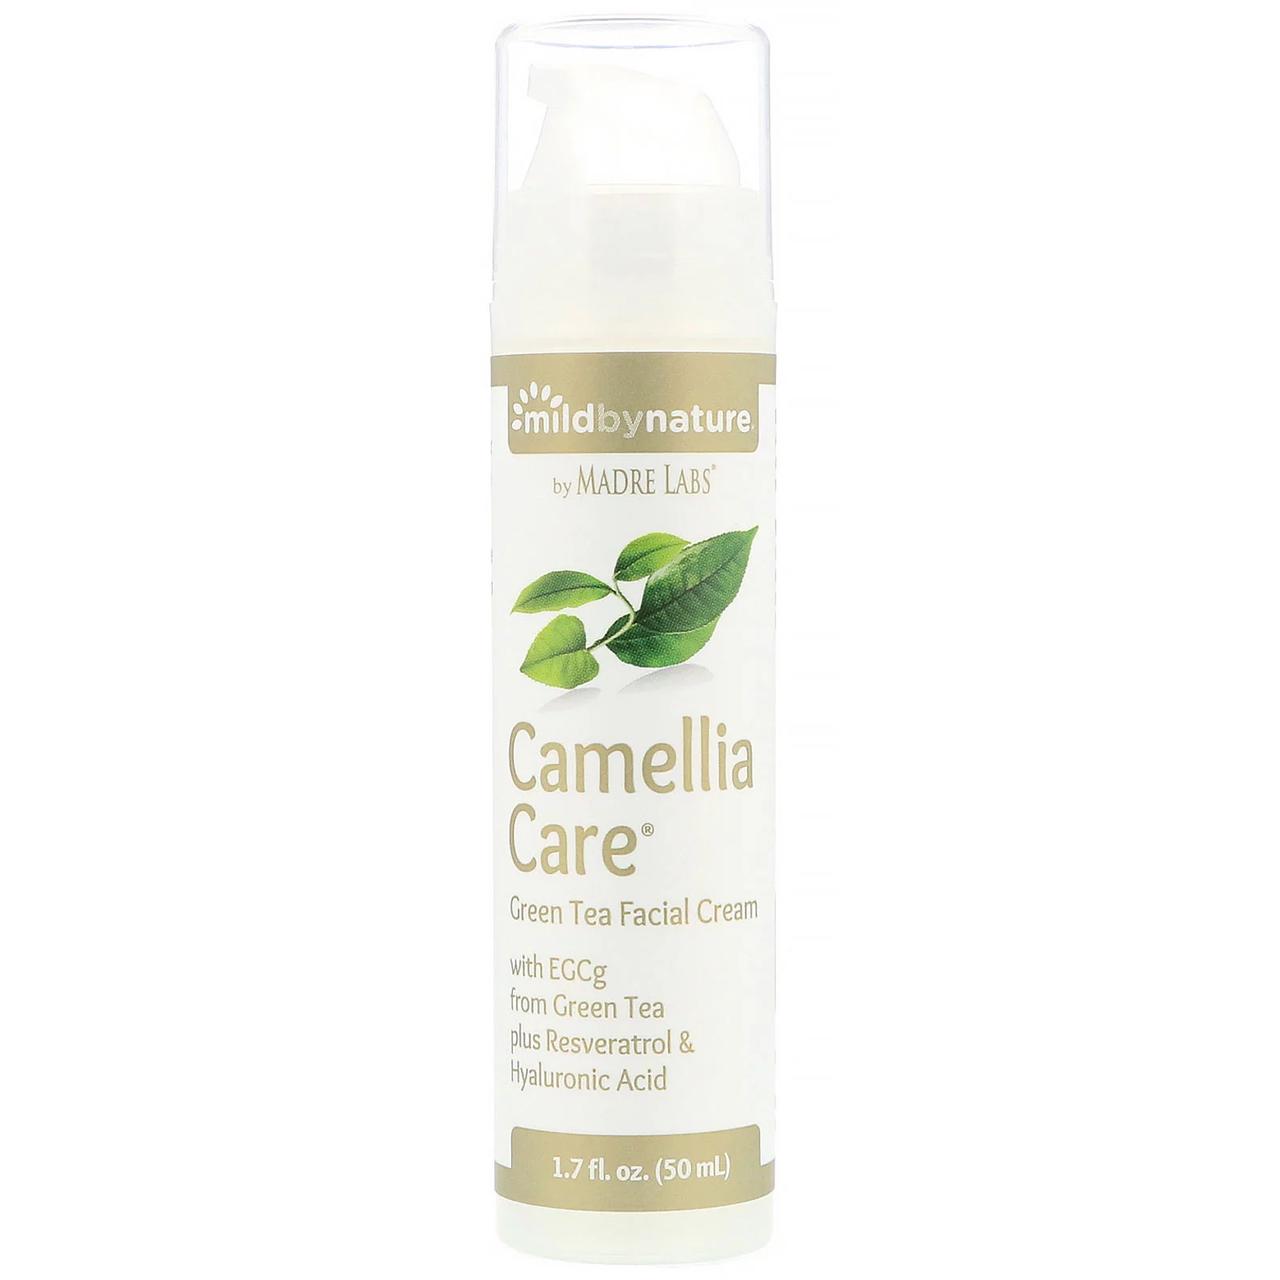 Крем зеленый чай для кожи с EGCg Camellia Care, 50 мл Mild By Nature